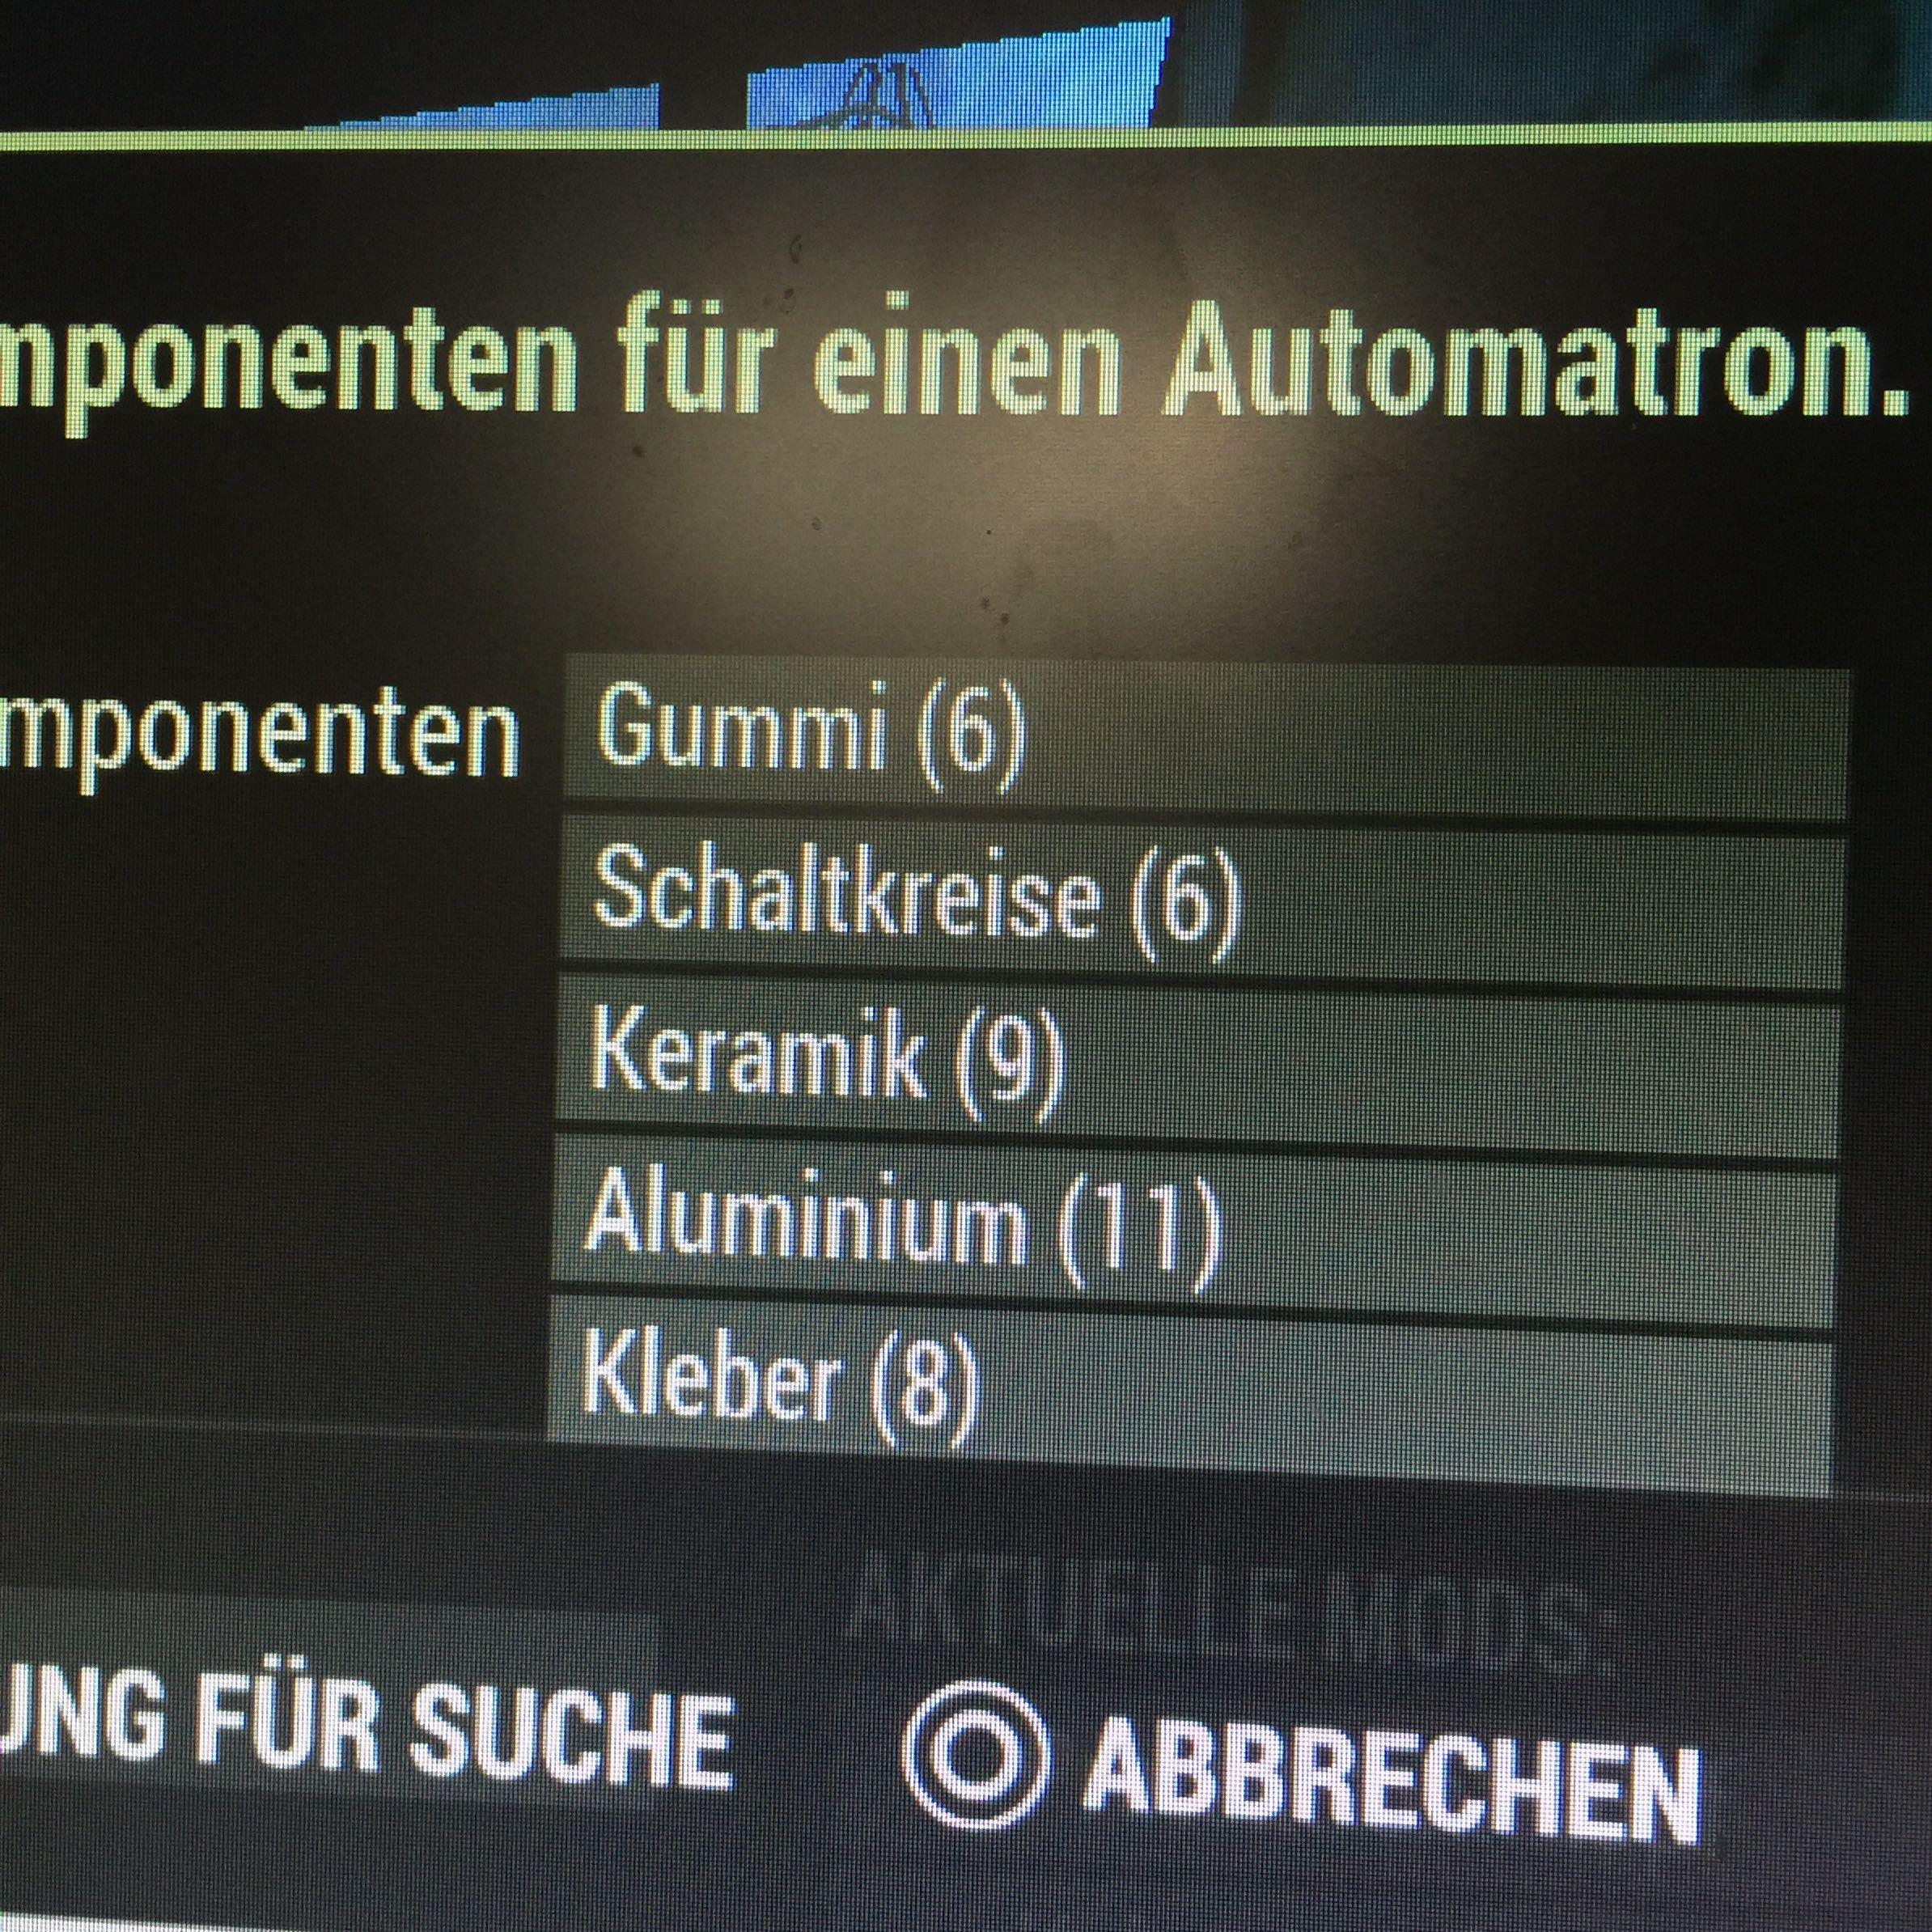 Fallout 4 Autmatron Bauen Gaming Ps4 Dlc